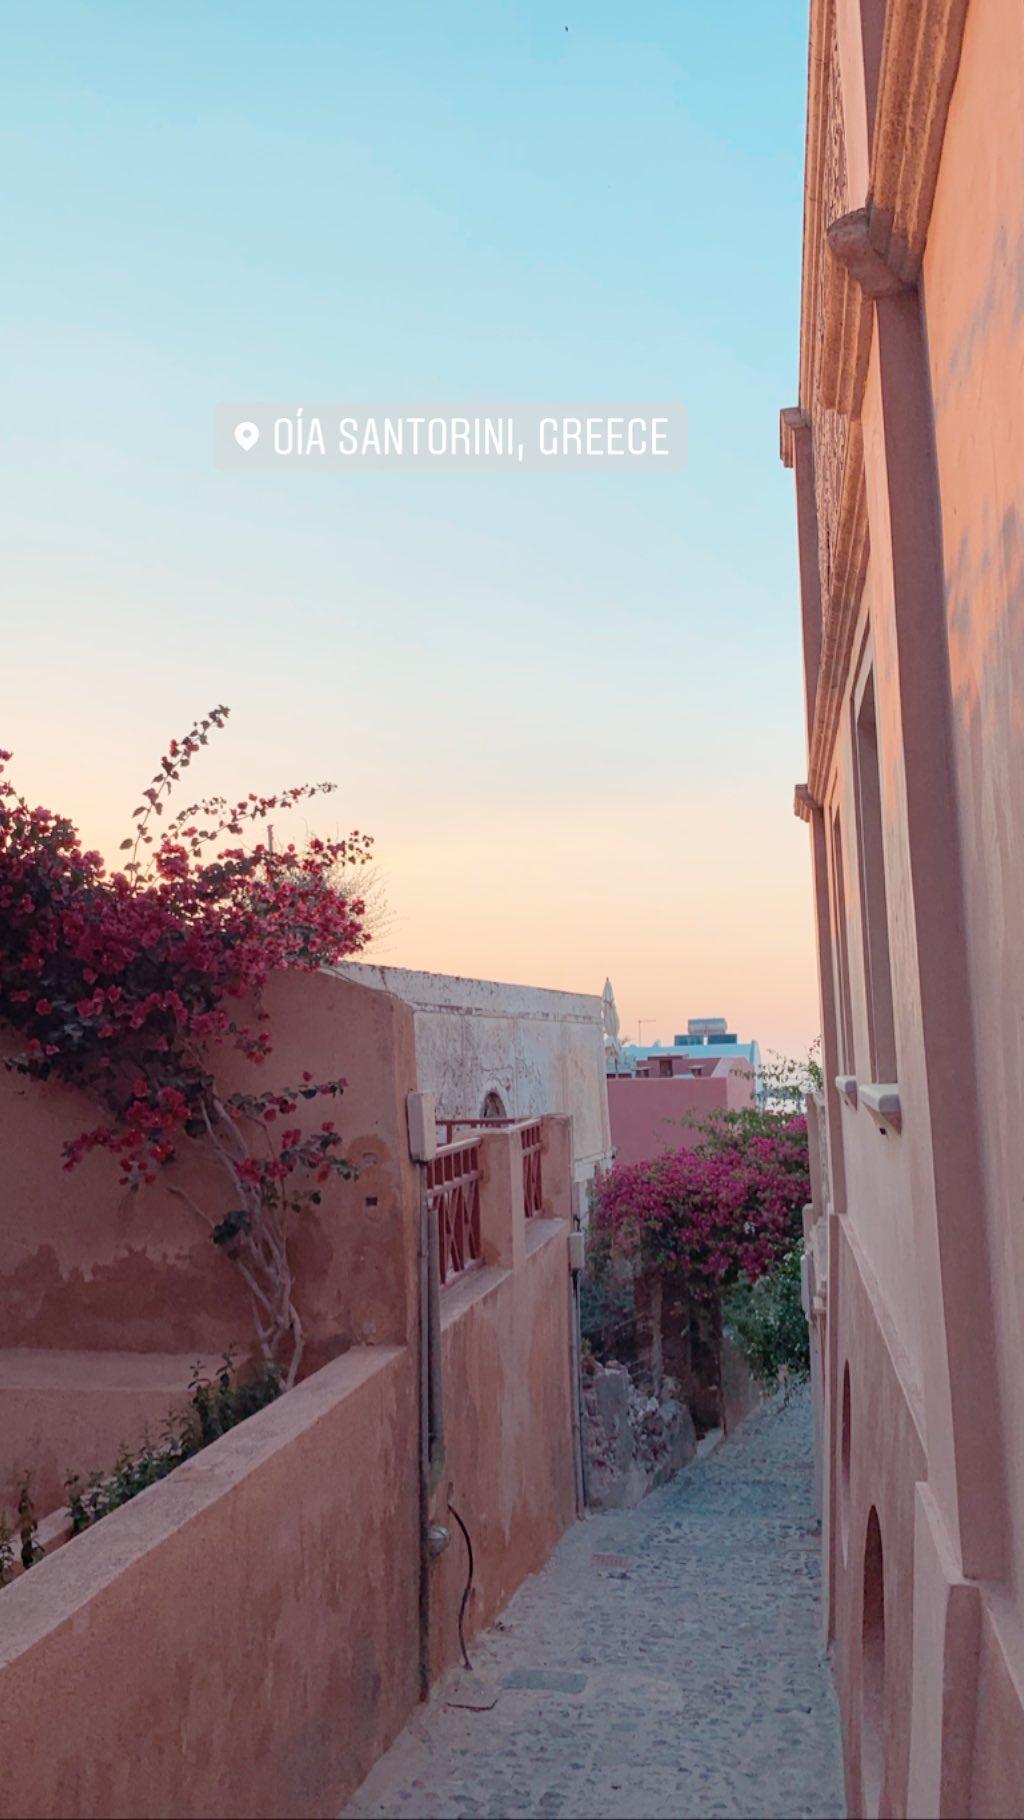 Αθηνά Οικονομάκου: Απόλαυσε το ηλιοβασίλεμα στη Σαντορίνη! [video]